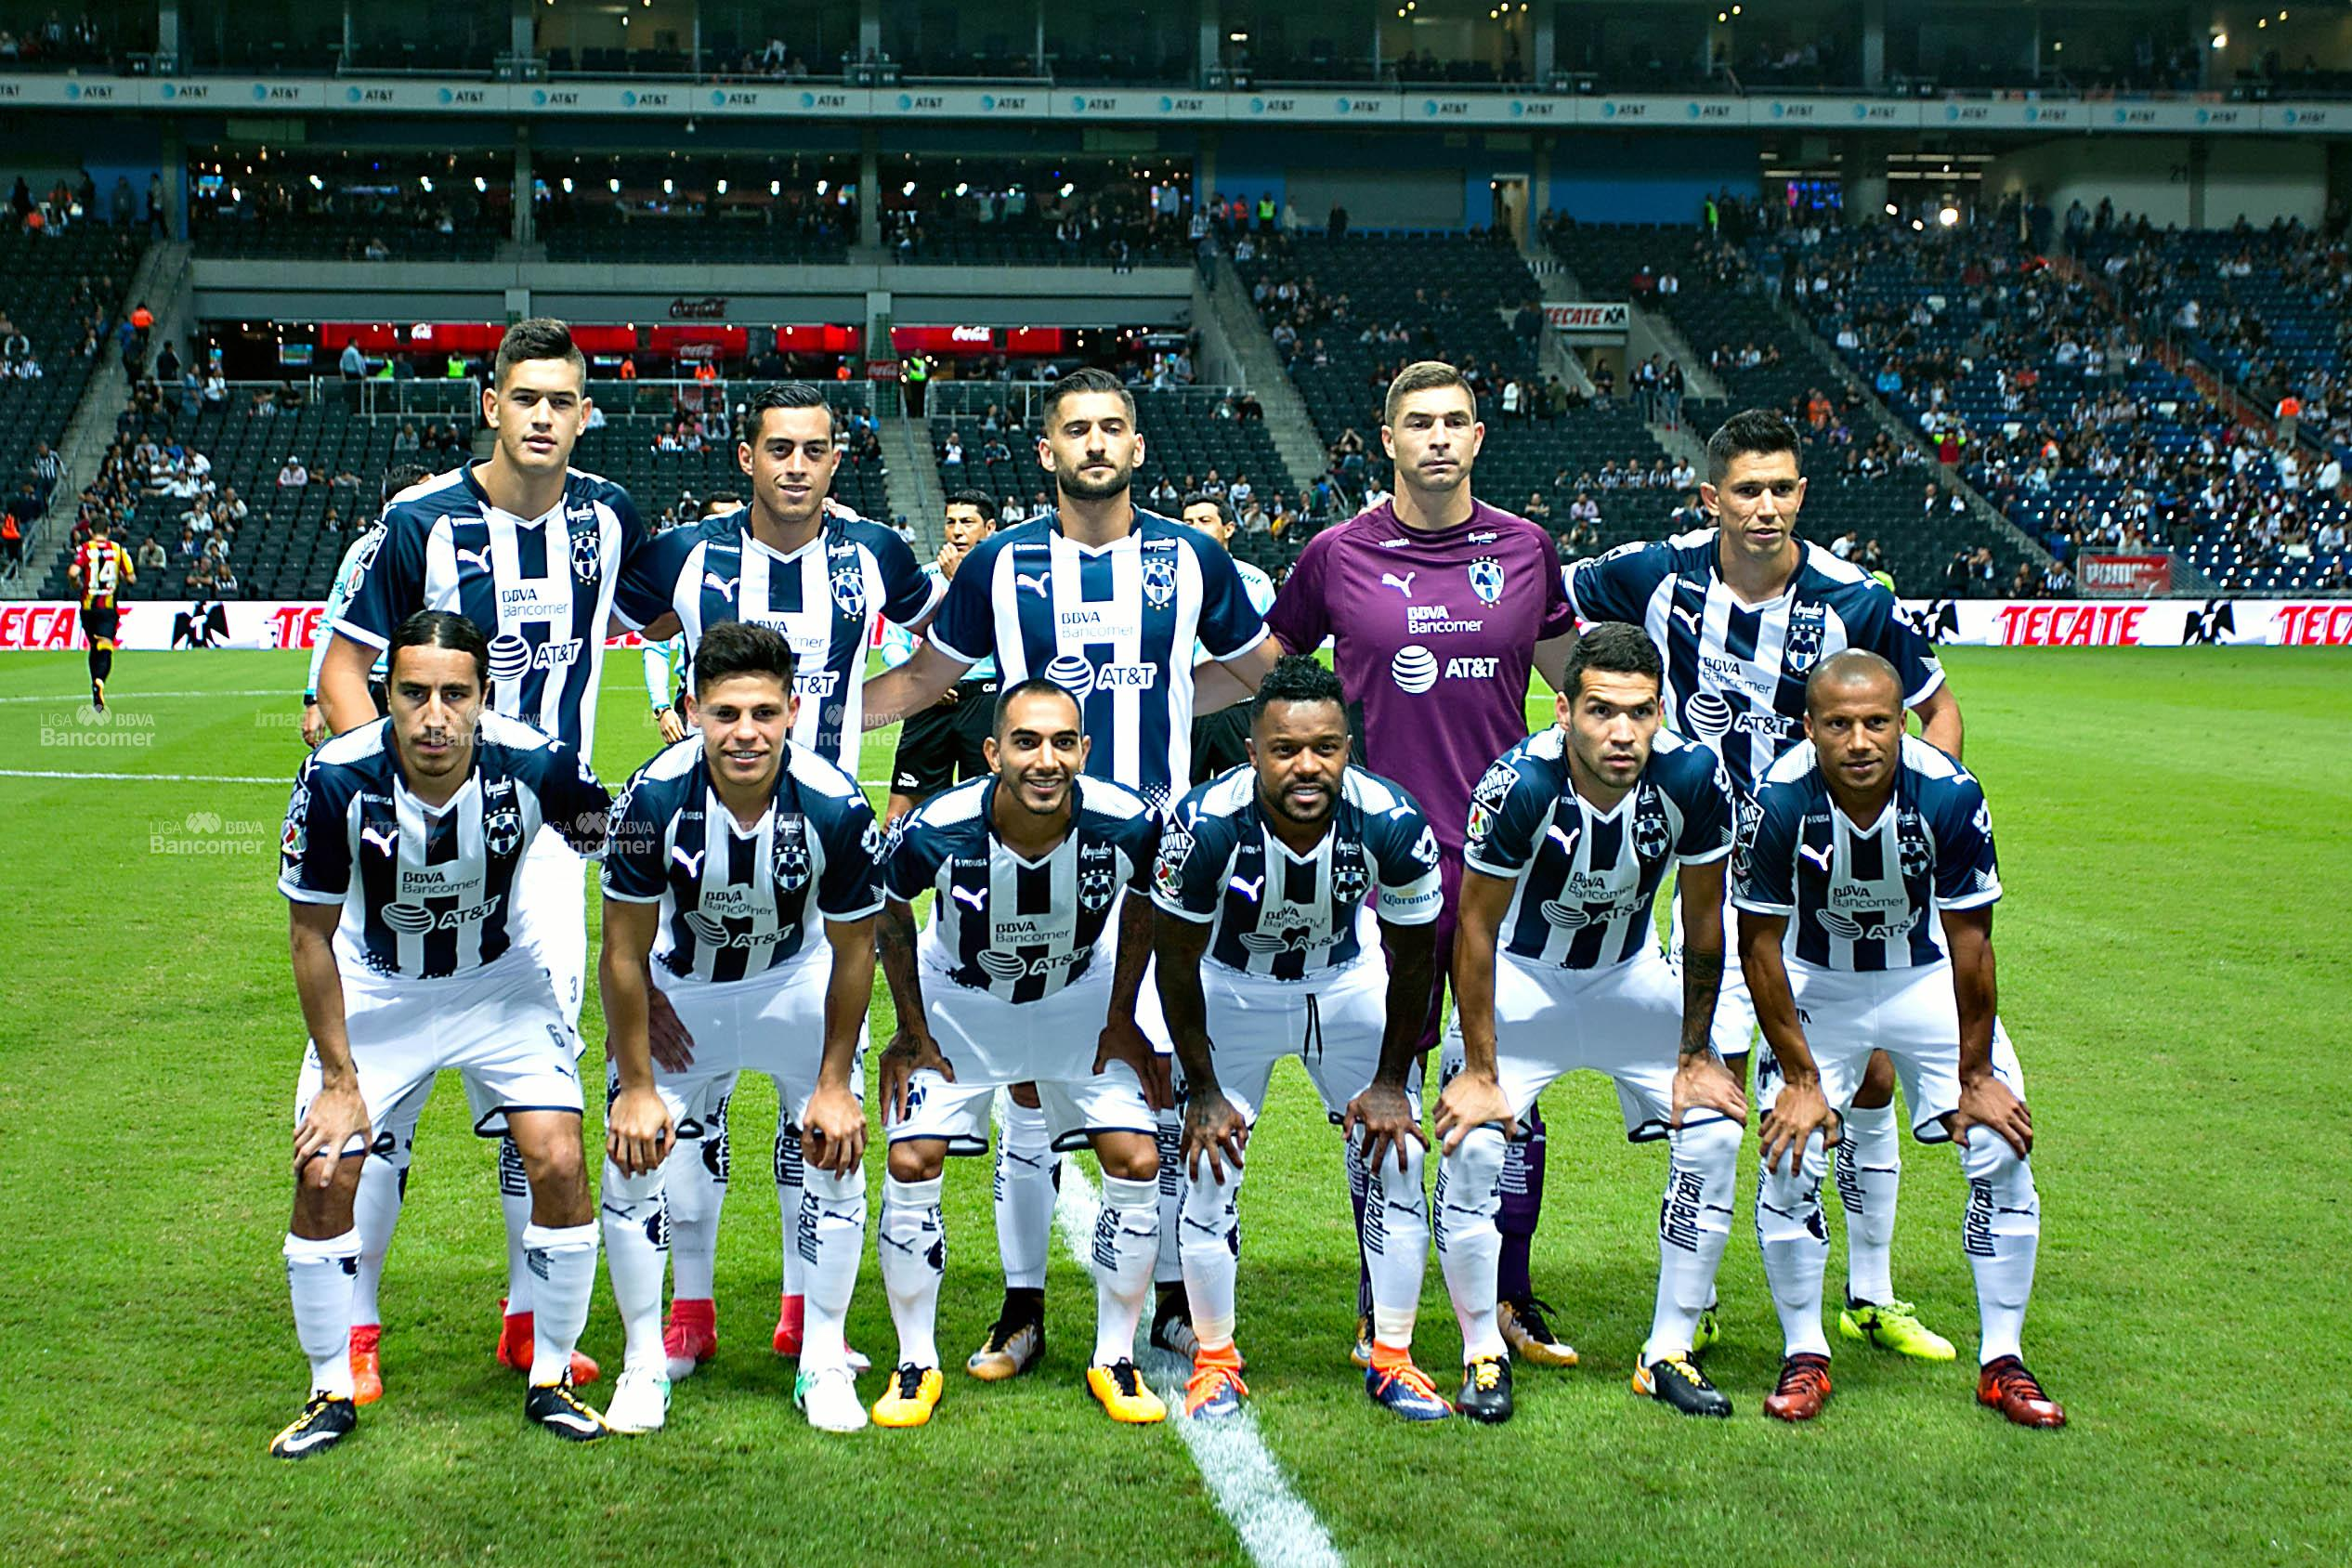 Monterrey en casa. Foto:Monterrey/Liga Mx